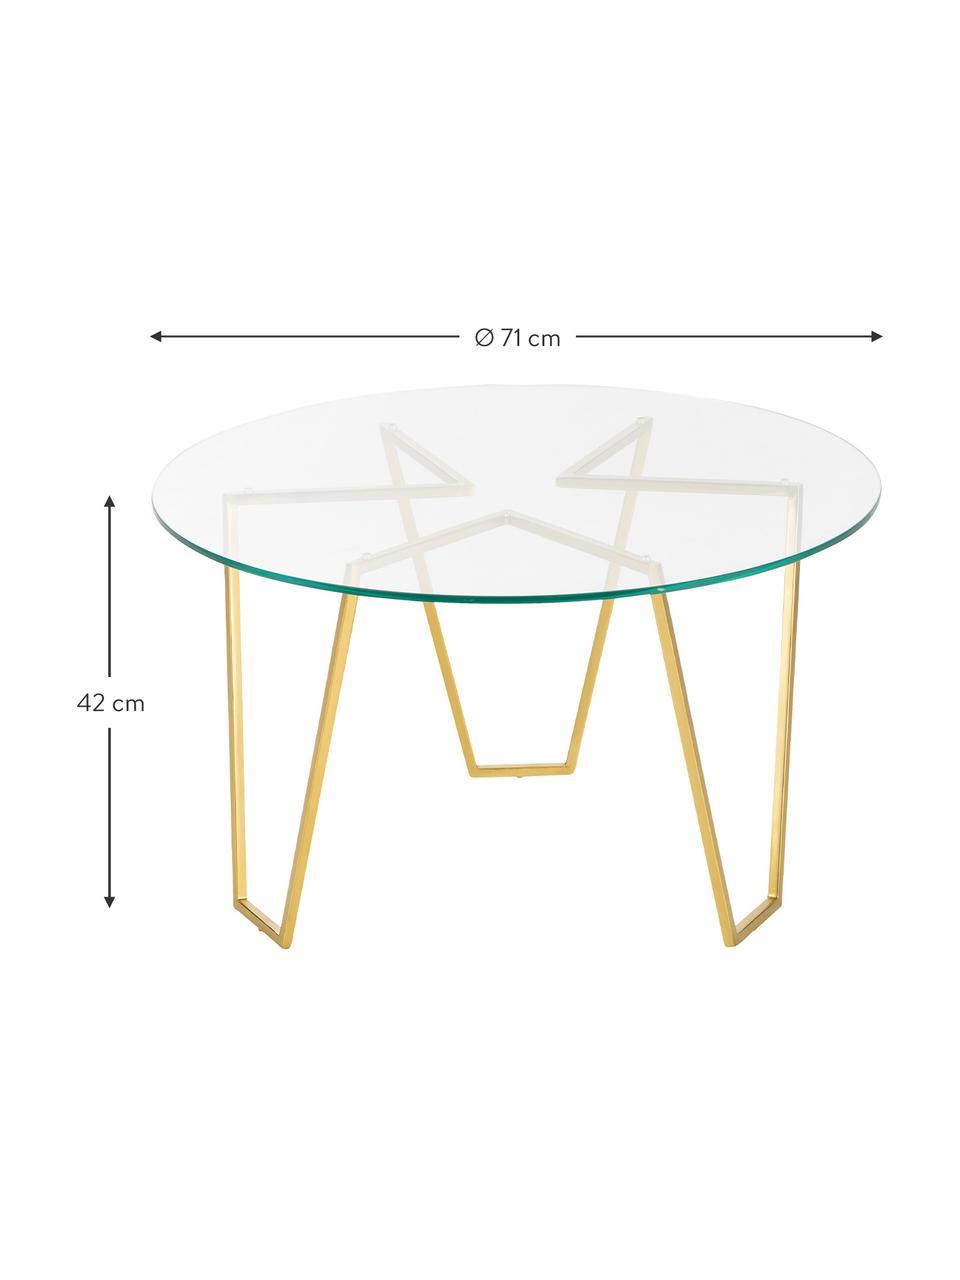 Runder Couchtisch Scarlett mit Glasplatte, Gestell: Metall, vermessingt, Tischplatte: Sicherheitslas,, Gestell: Messing, Tischplatte: Transparent, Ø 71 x H 42 cm